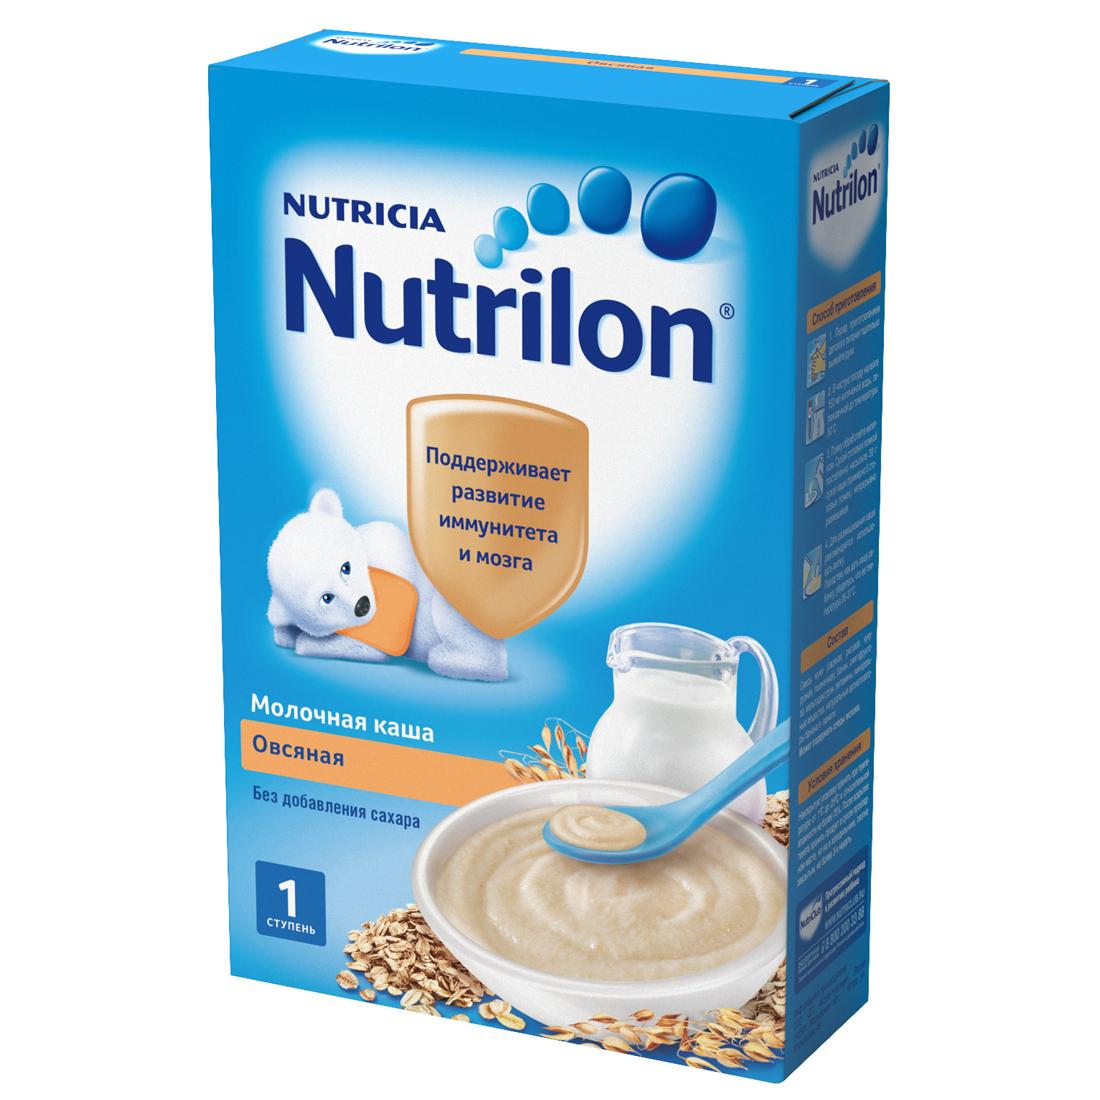 Каша Nutrilon молочная 225 гр Овсяная (с 5 мес)